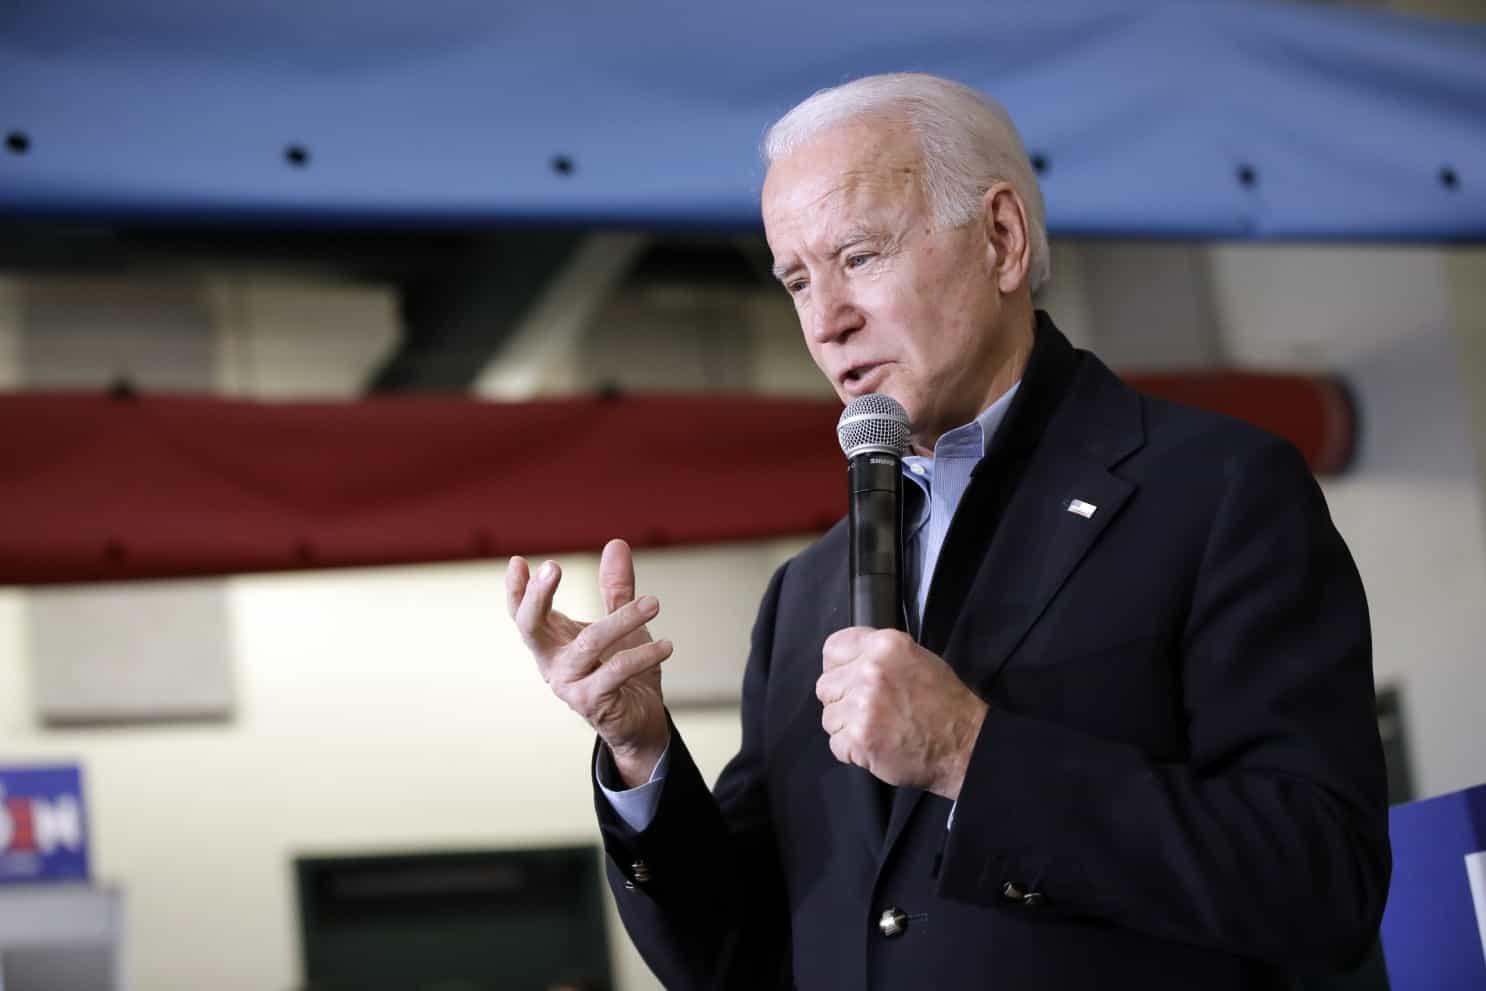 Biden Is Still Not a Winner Even After a Good Lead